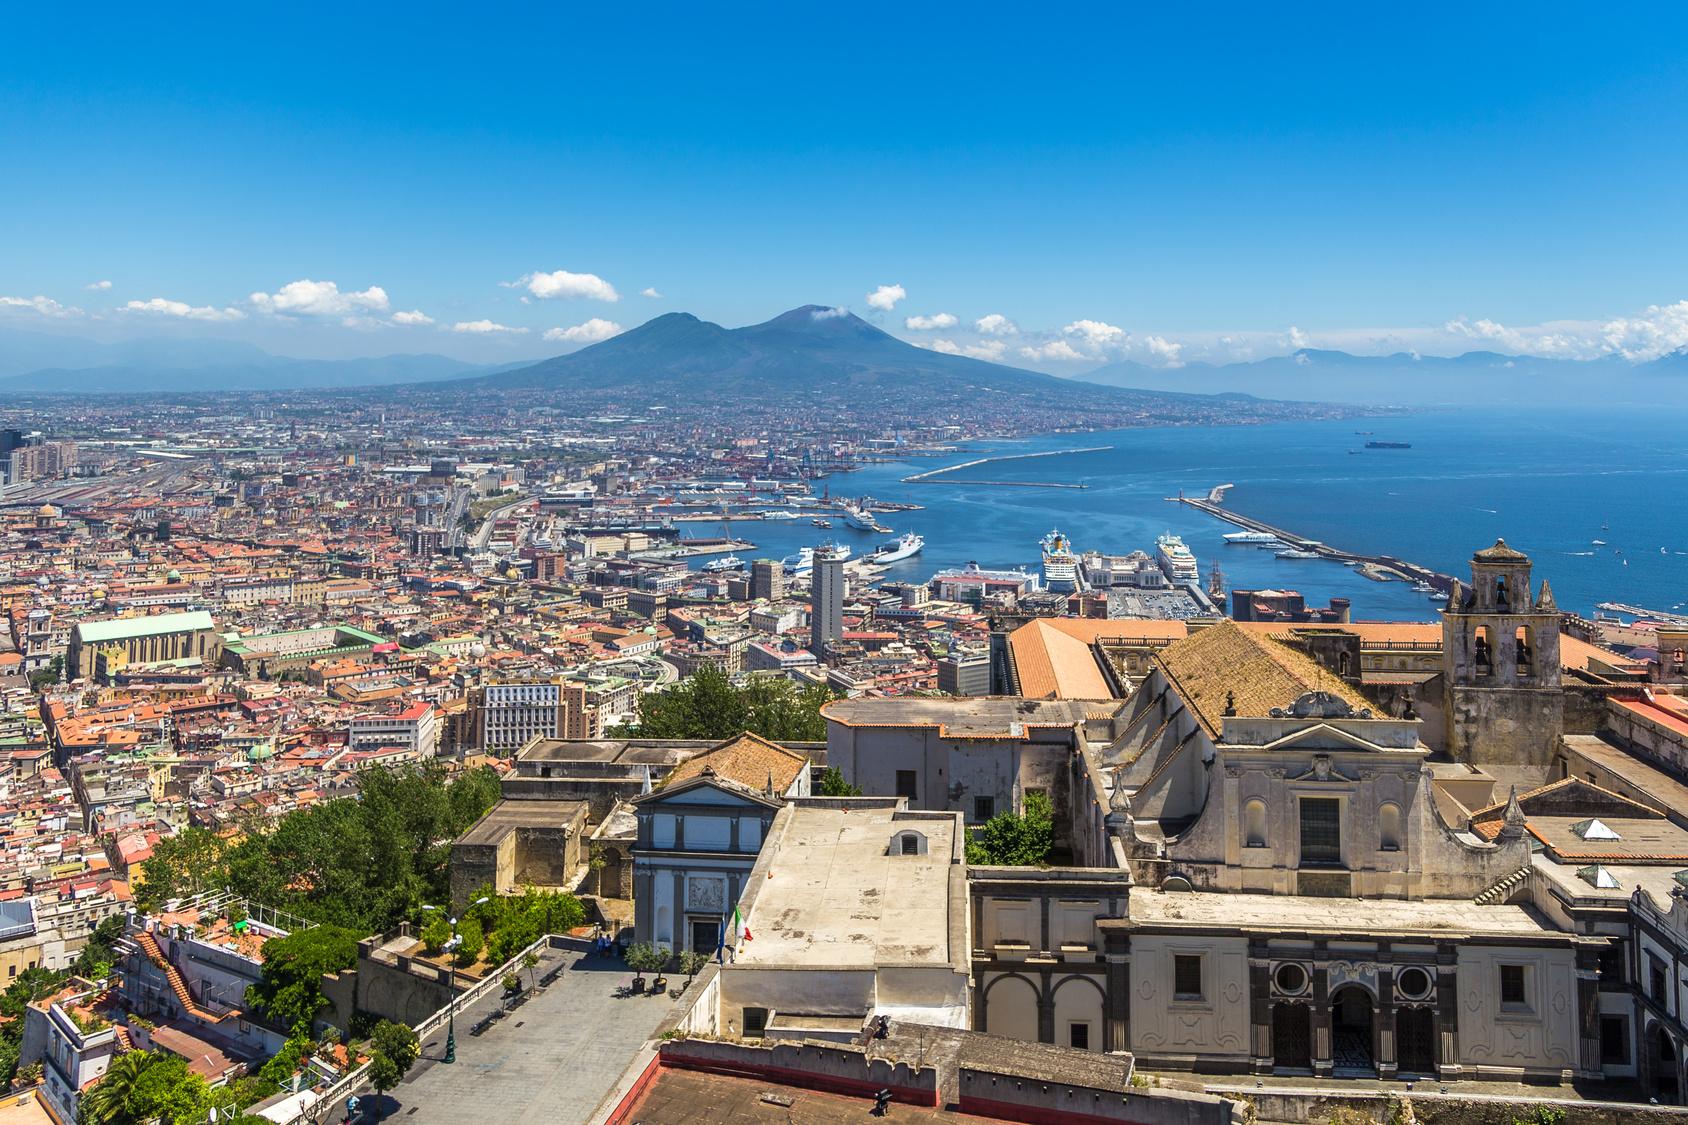 Neapol, zachód słońca, podróż, Włochy, wymiana walut, Ekantor.pl